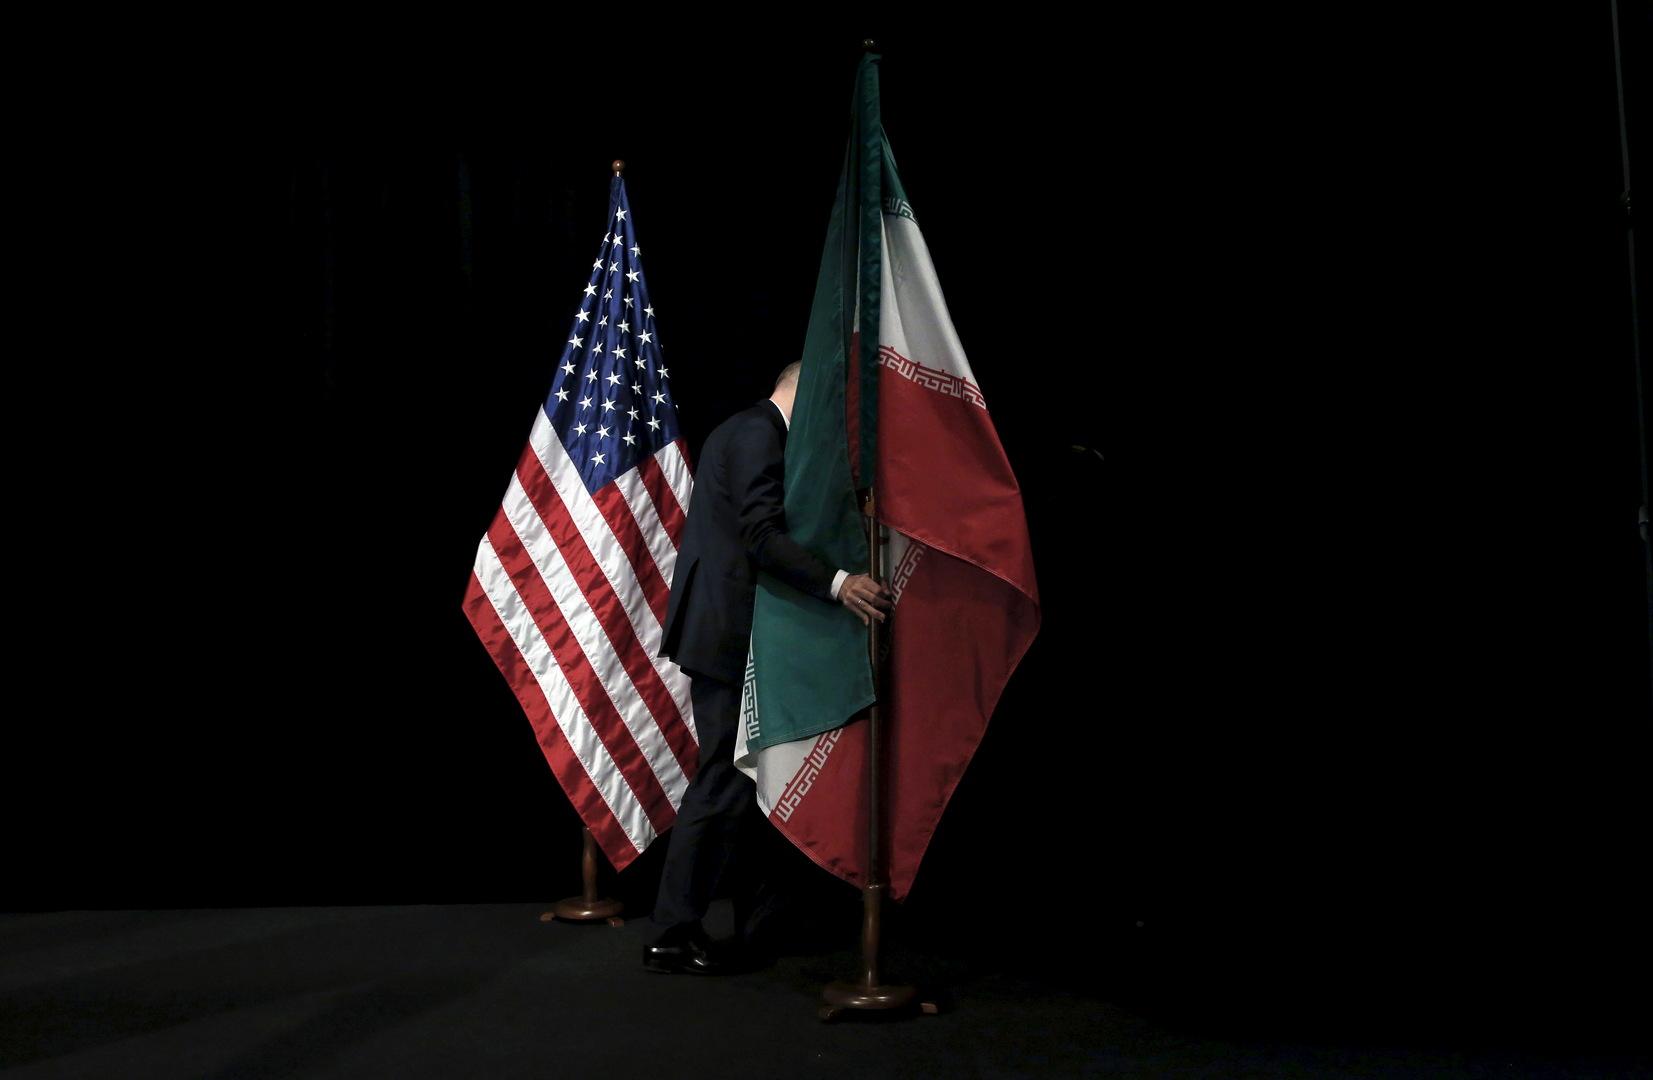 مسؤول أمريكي: هناك فرصة لأول مرة منذ سنوات لإنهاء الضغوط القصوى على إيران